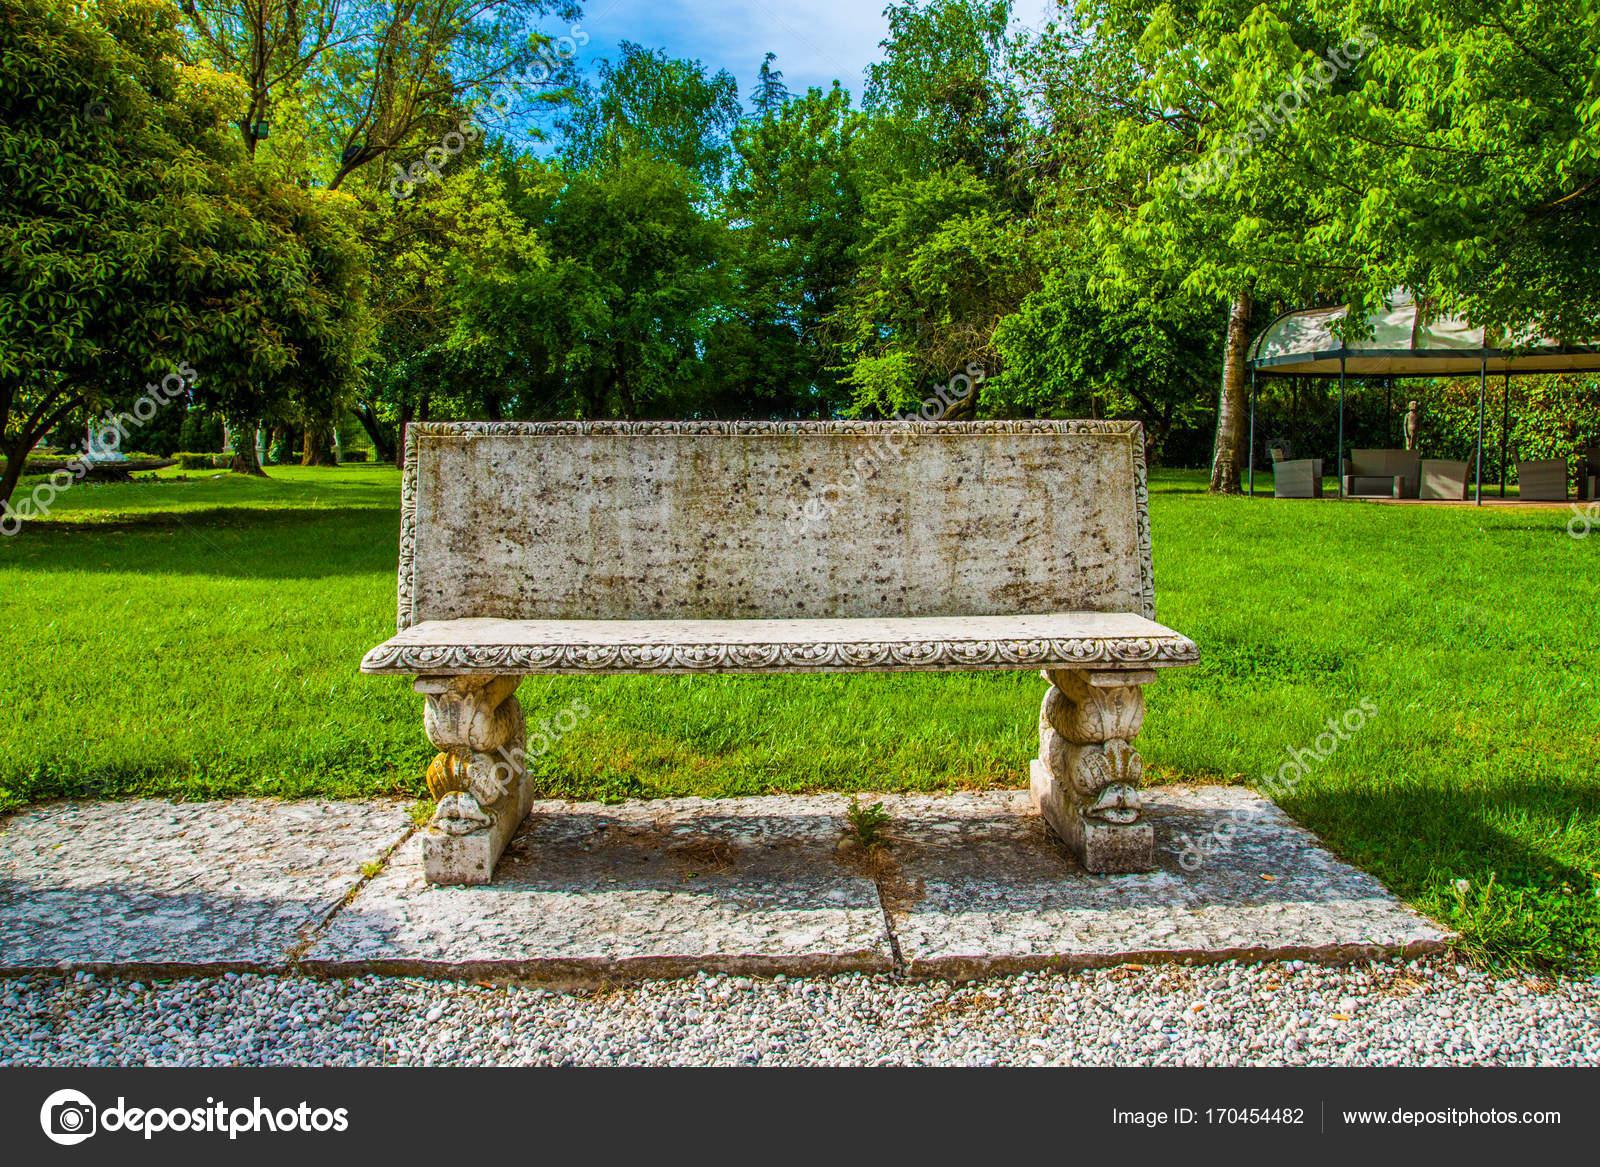 beau parc avec un banc de pierre photographie cone88 170454482. Black Bedroom Furniture Sets. Home Design Ideas